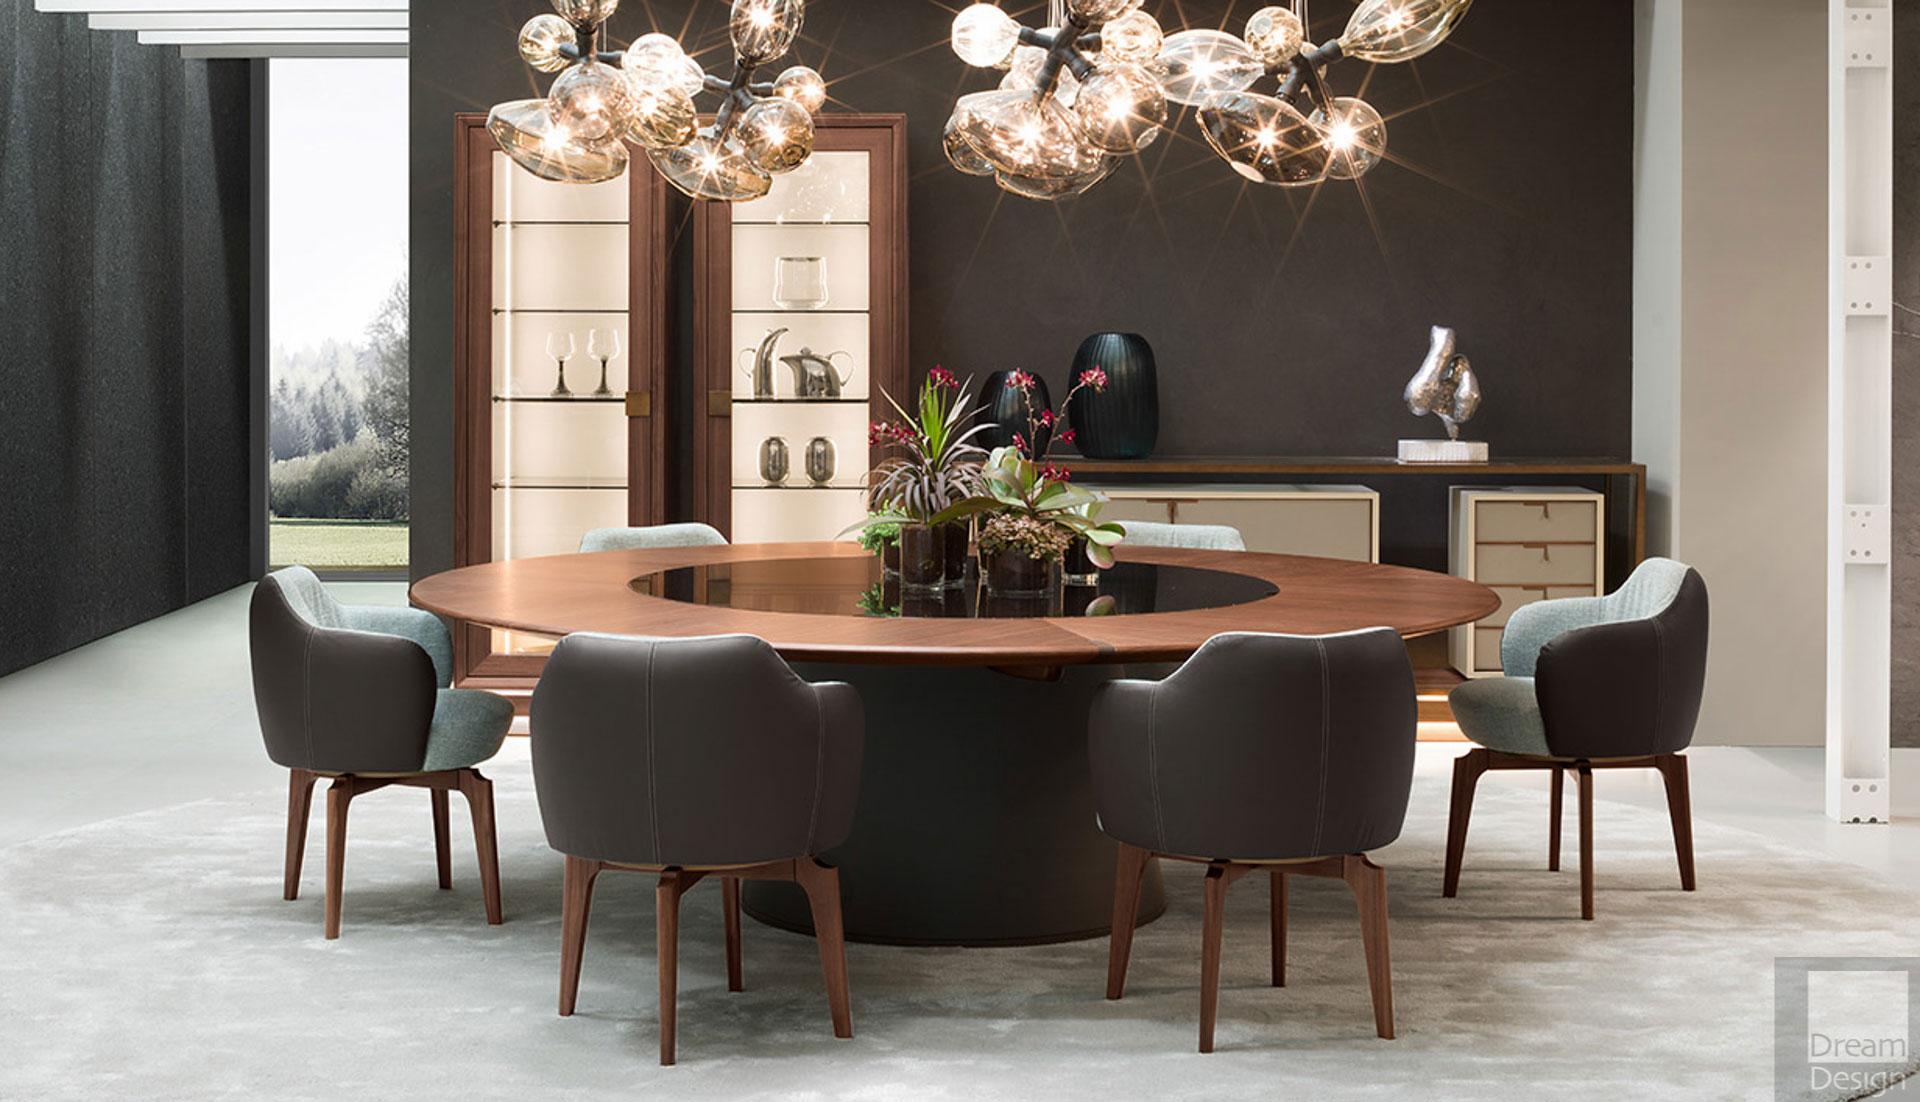 Giorgetti Fang Round Table Dream Design Interiors Ltd